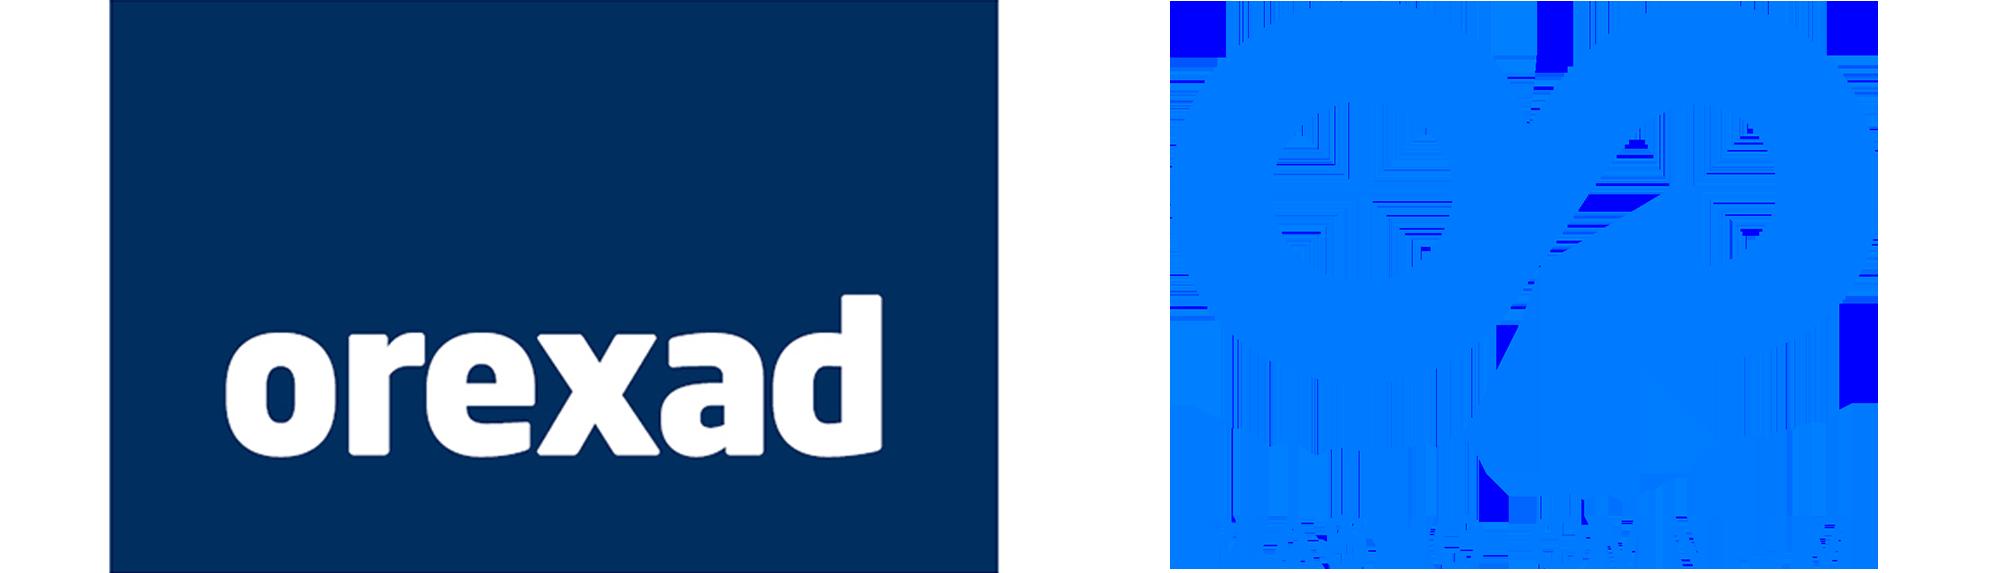 logos-Orexad-Plastic-omnium